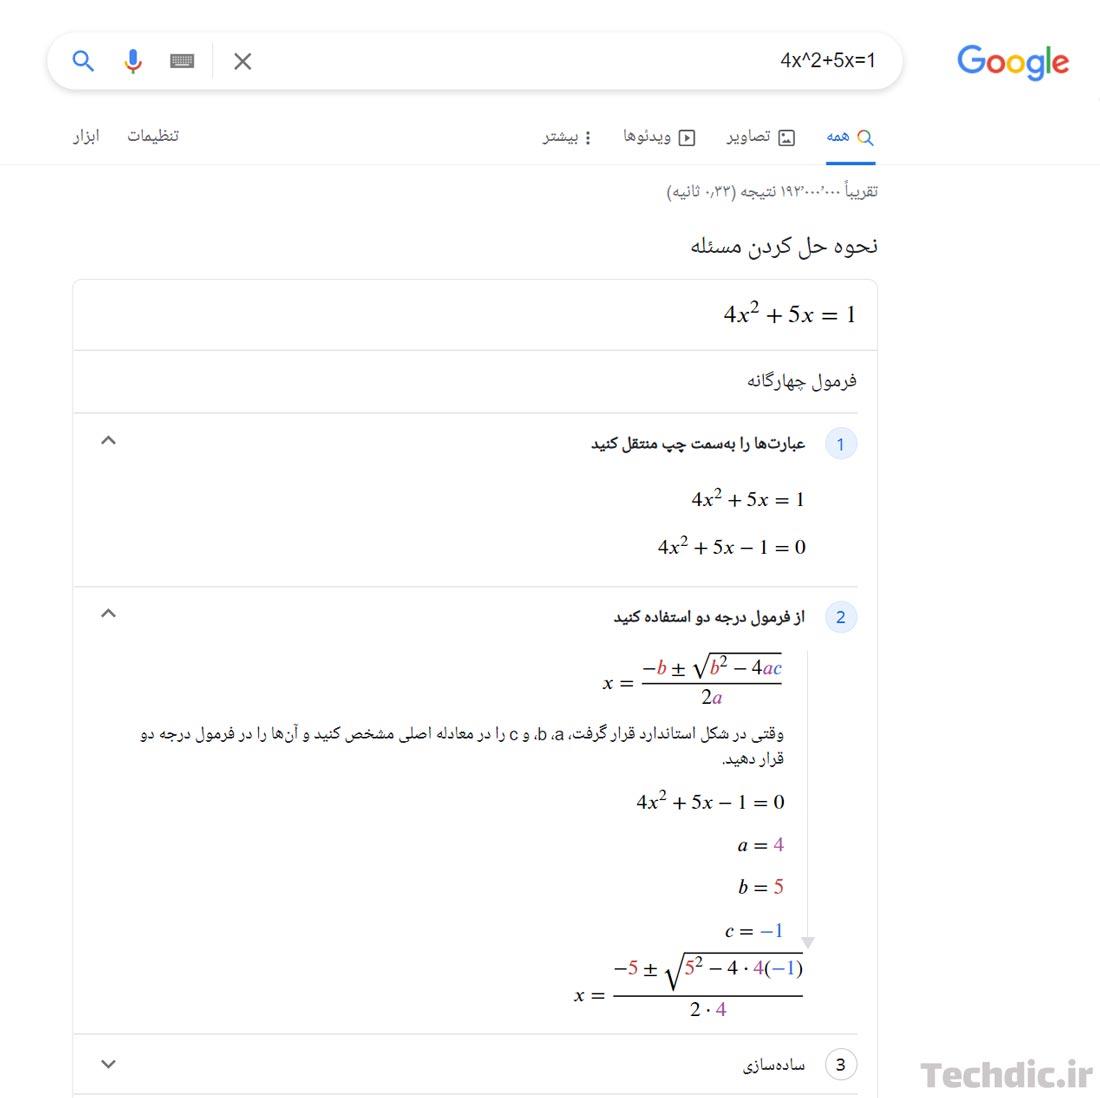 حل معادلات یا معادله های ریاضی با کمک سرویس جستجوی گوگل